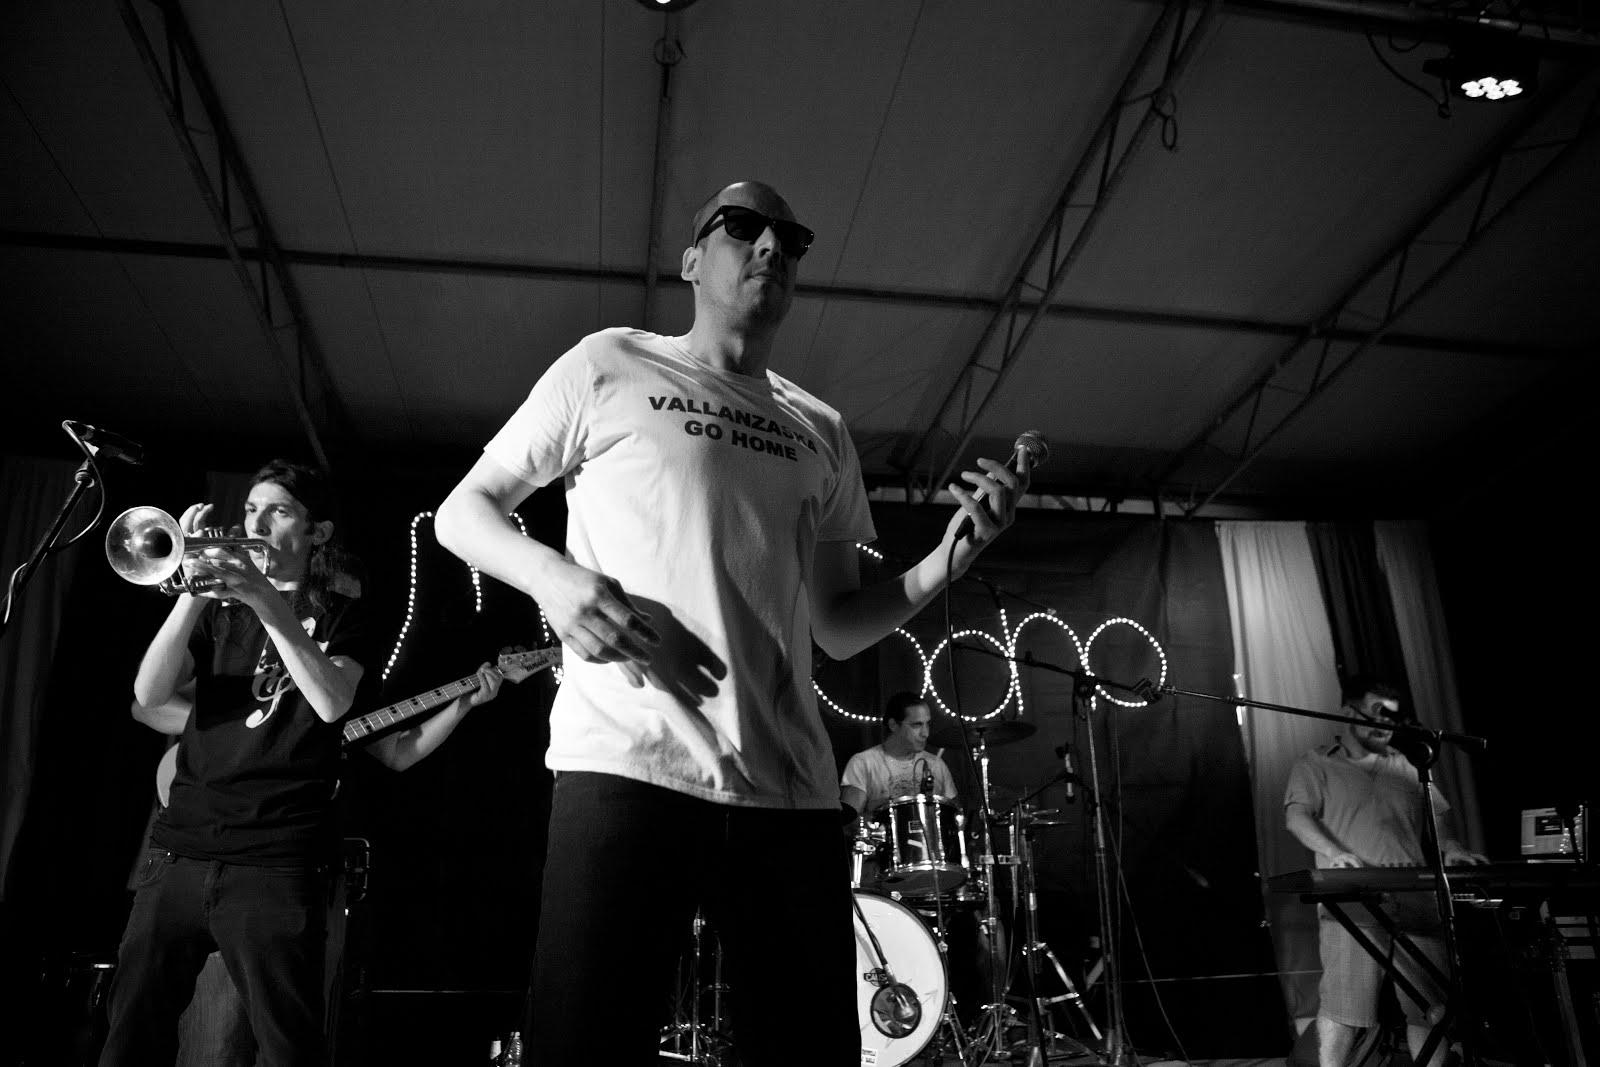 Vallanzaska al MelaSòno Music Fest 2016: 25 anni di ska festeggiati alla grande! - Photogallery